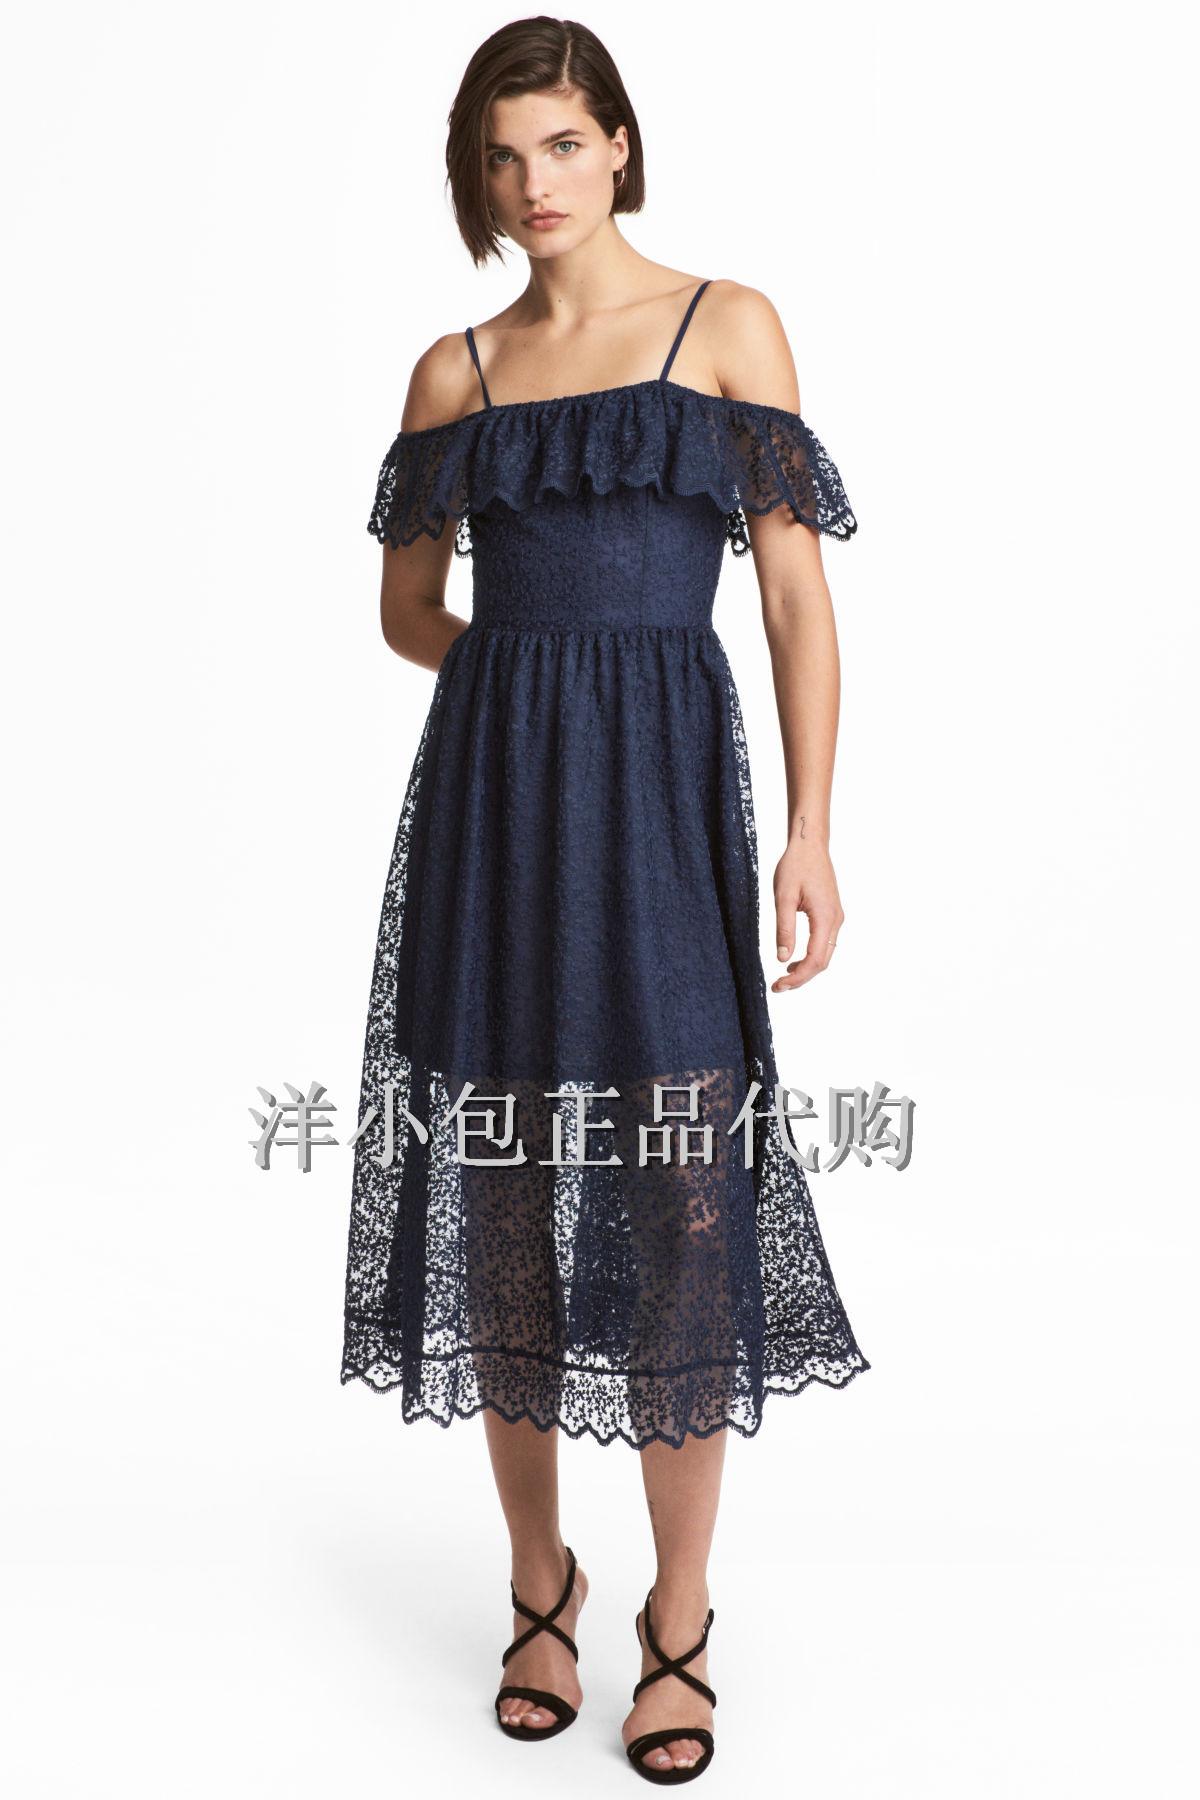 hm裙吊帶蕾絲